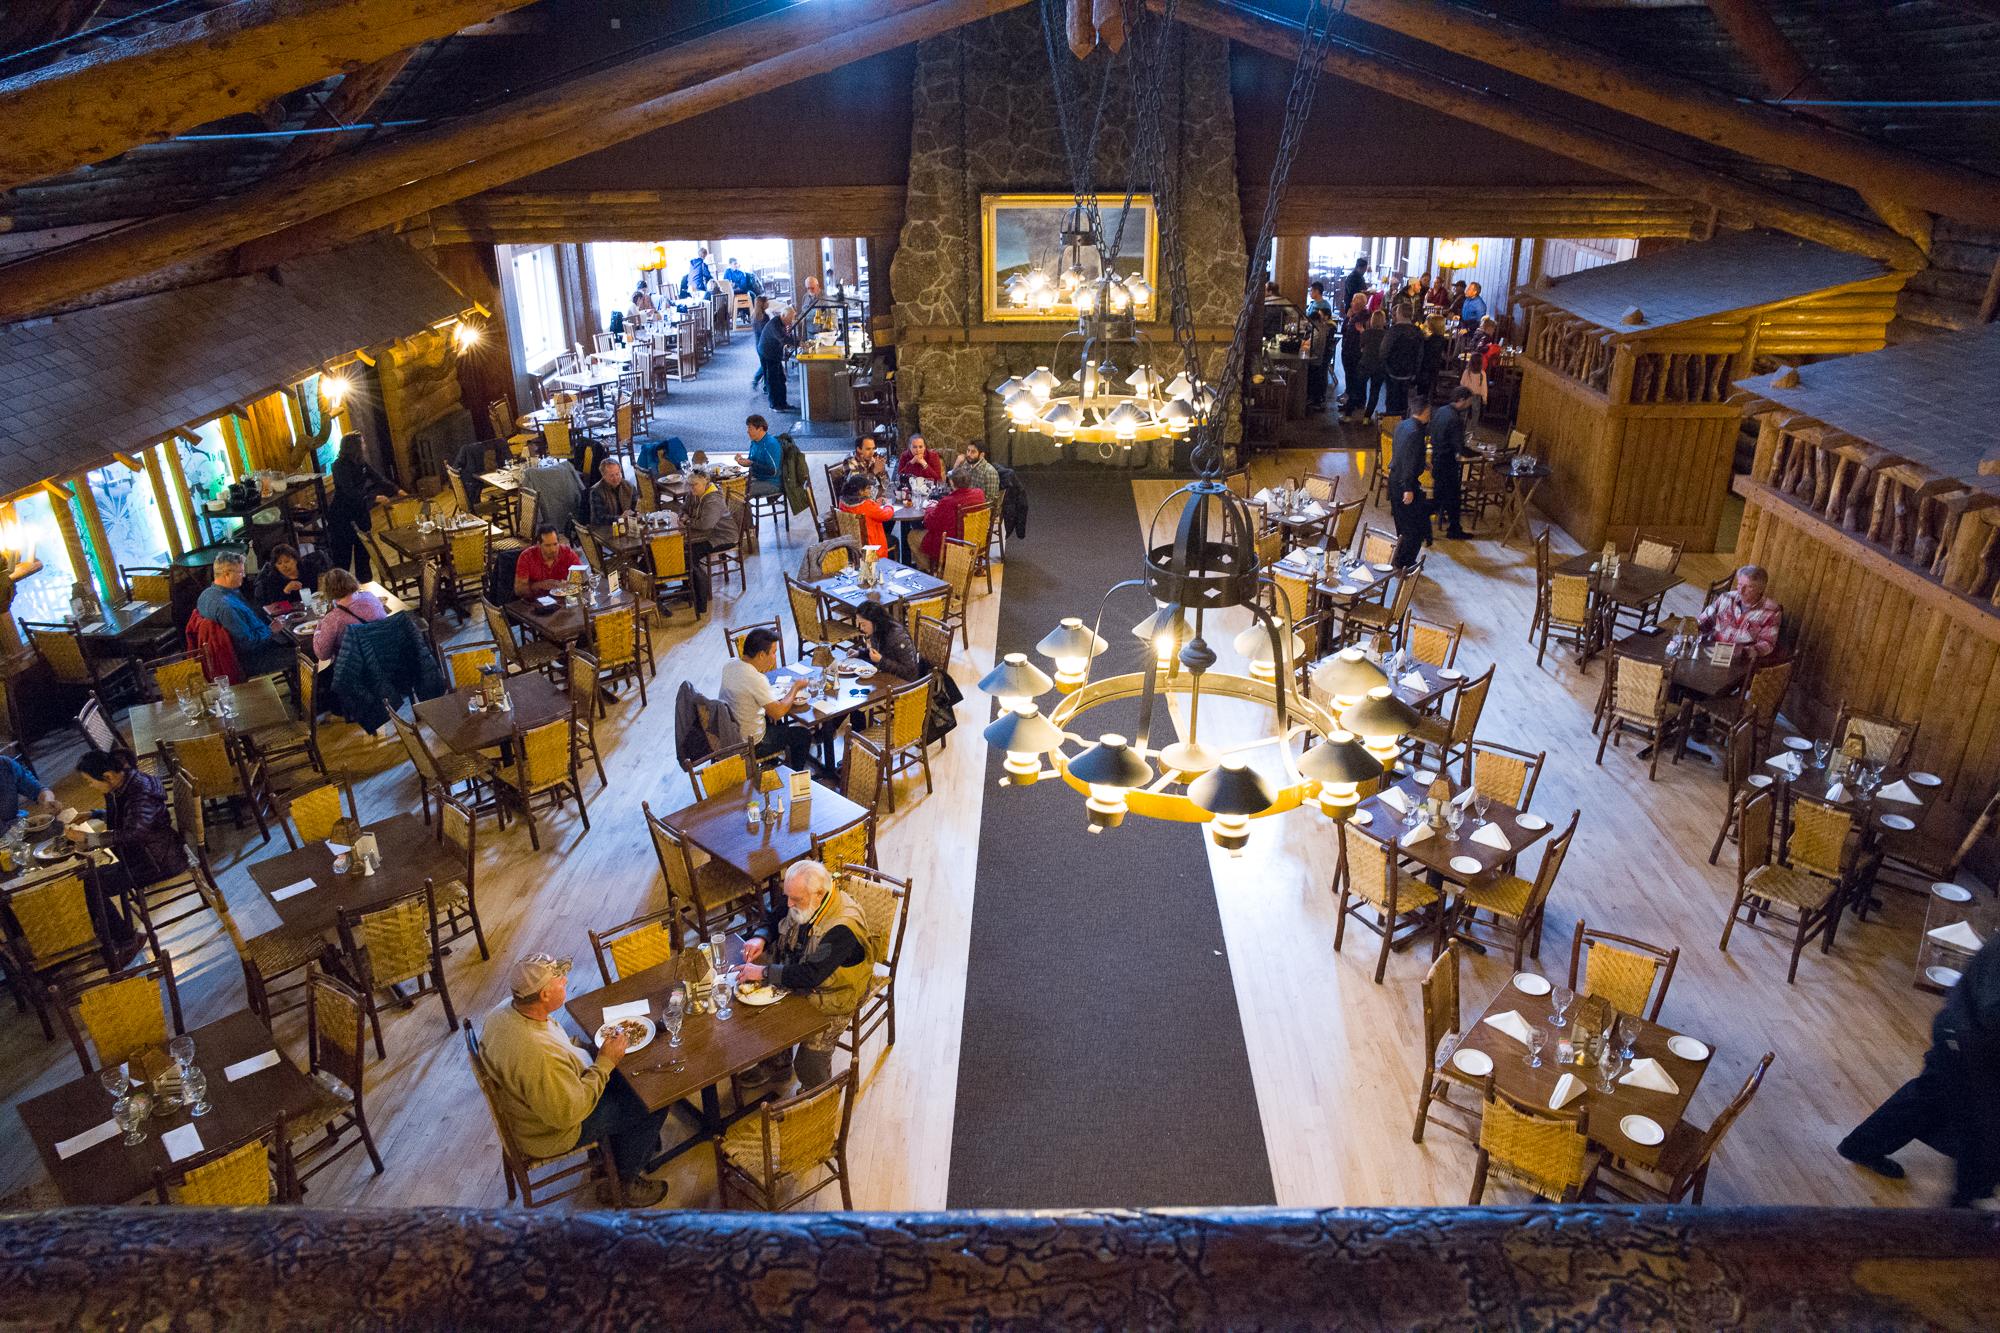 The grand dining room of Old Faithful Inn